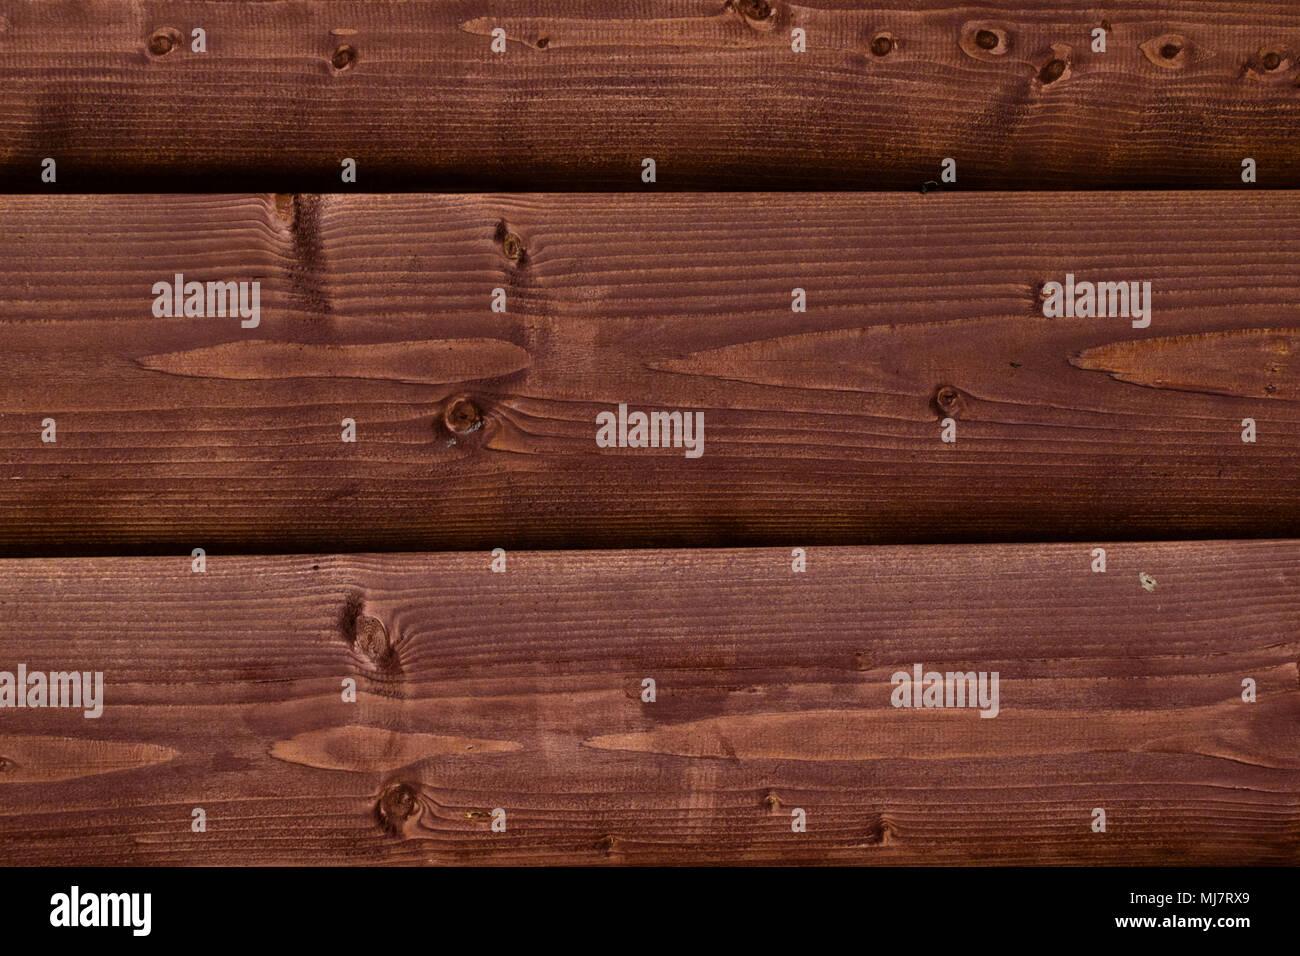 Naturliche Innenraum Mit Holz Wandpaneele Textur Aus Dunklem Holz